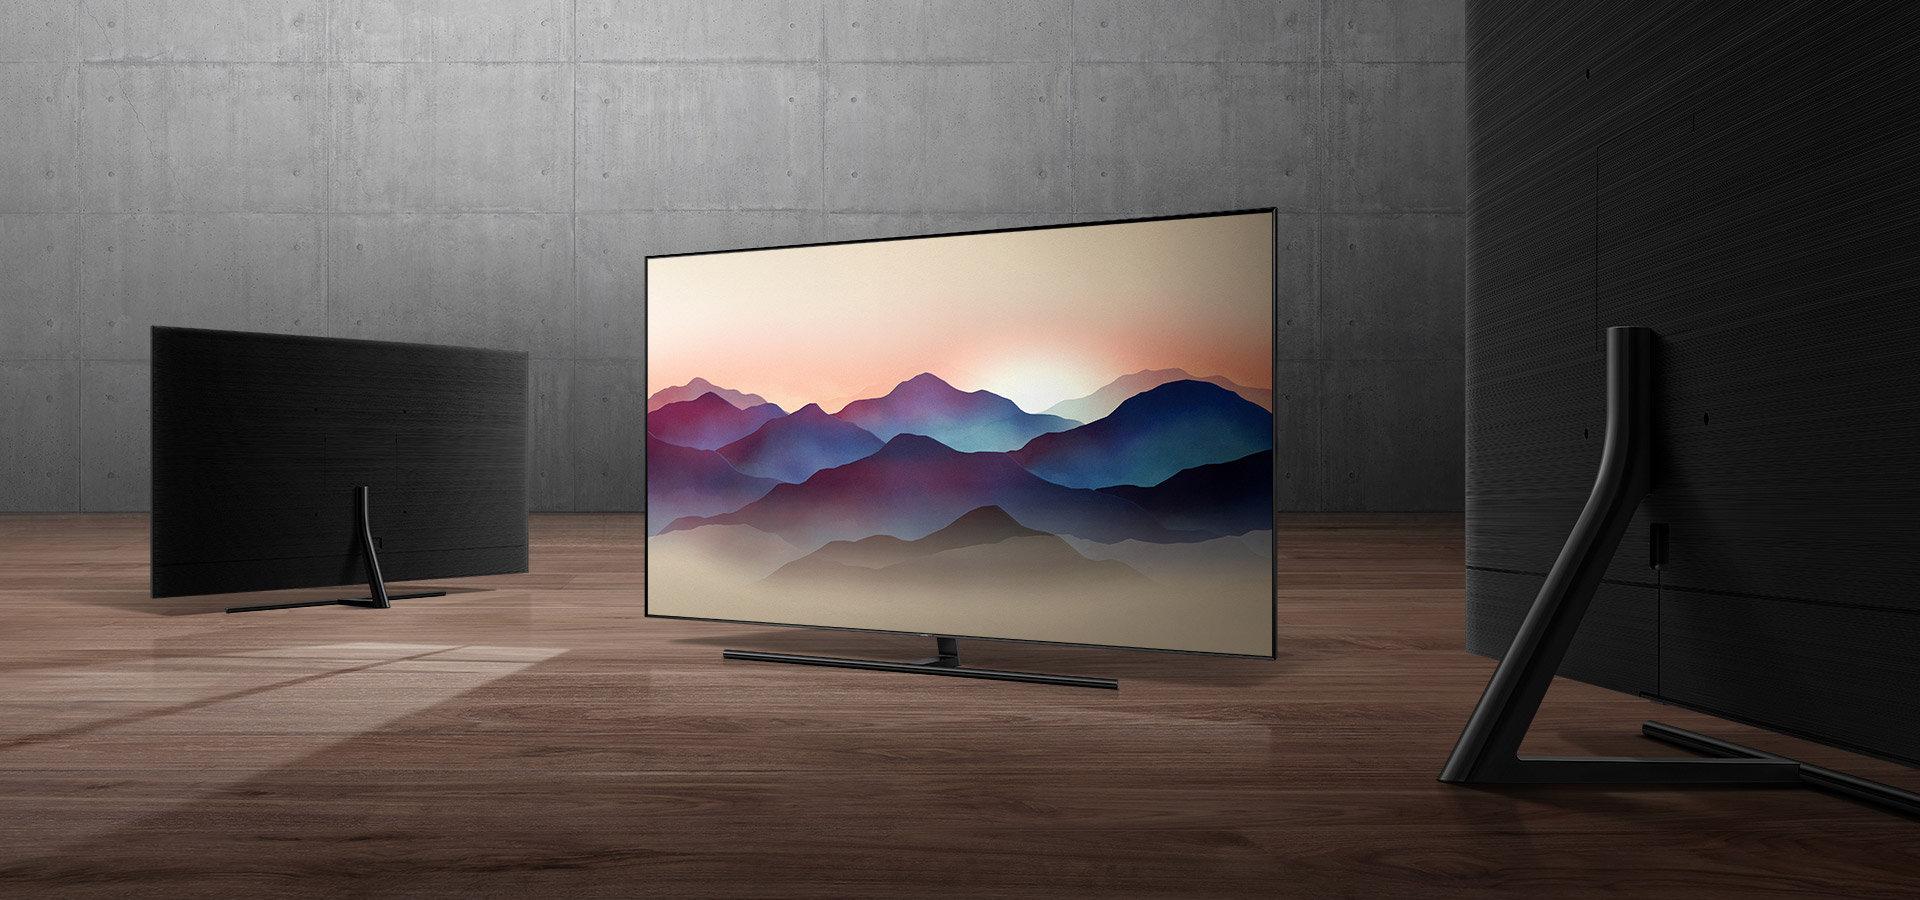 Découverte de la nouvelle TV QLED de Samsung et rencontre avec Alphonse Areola